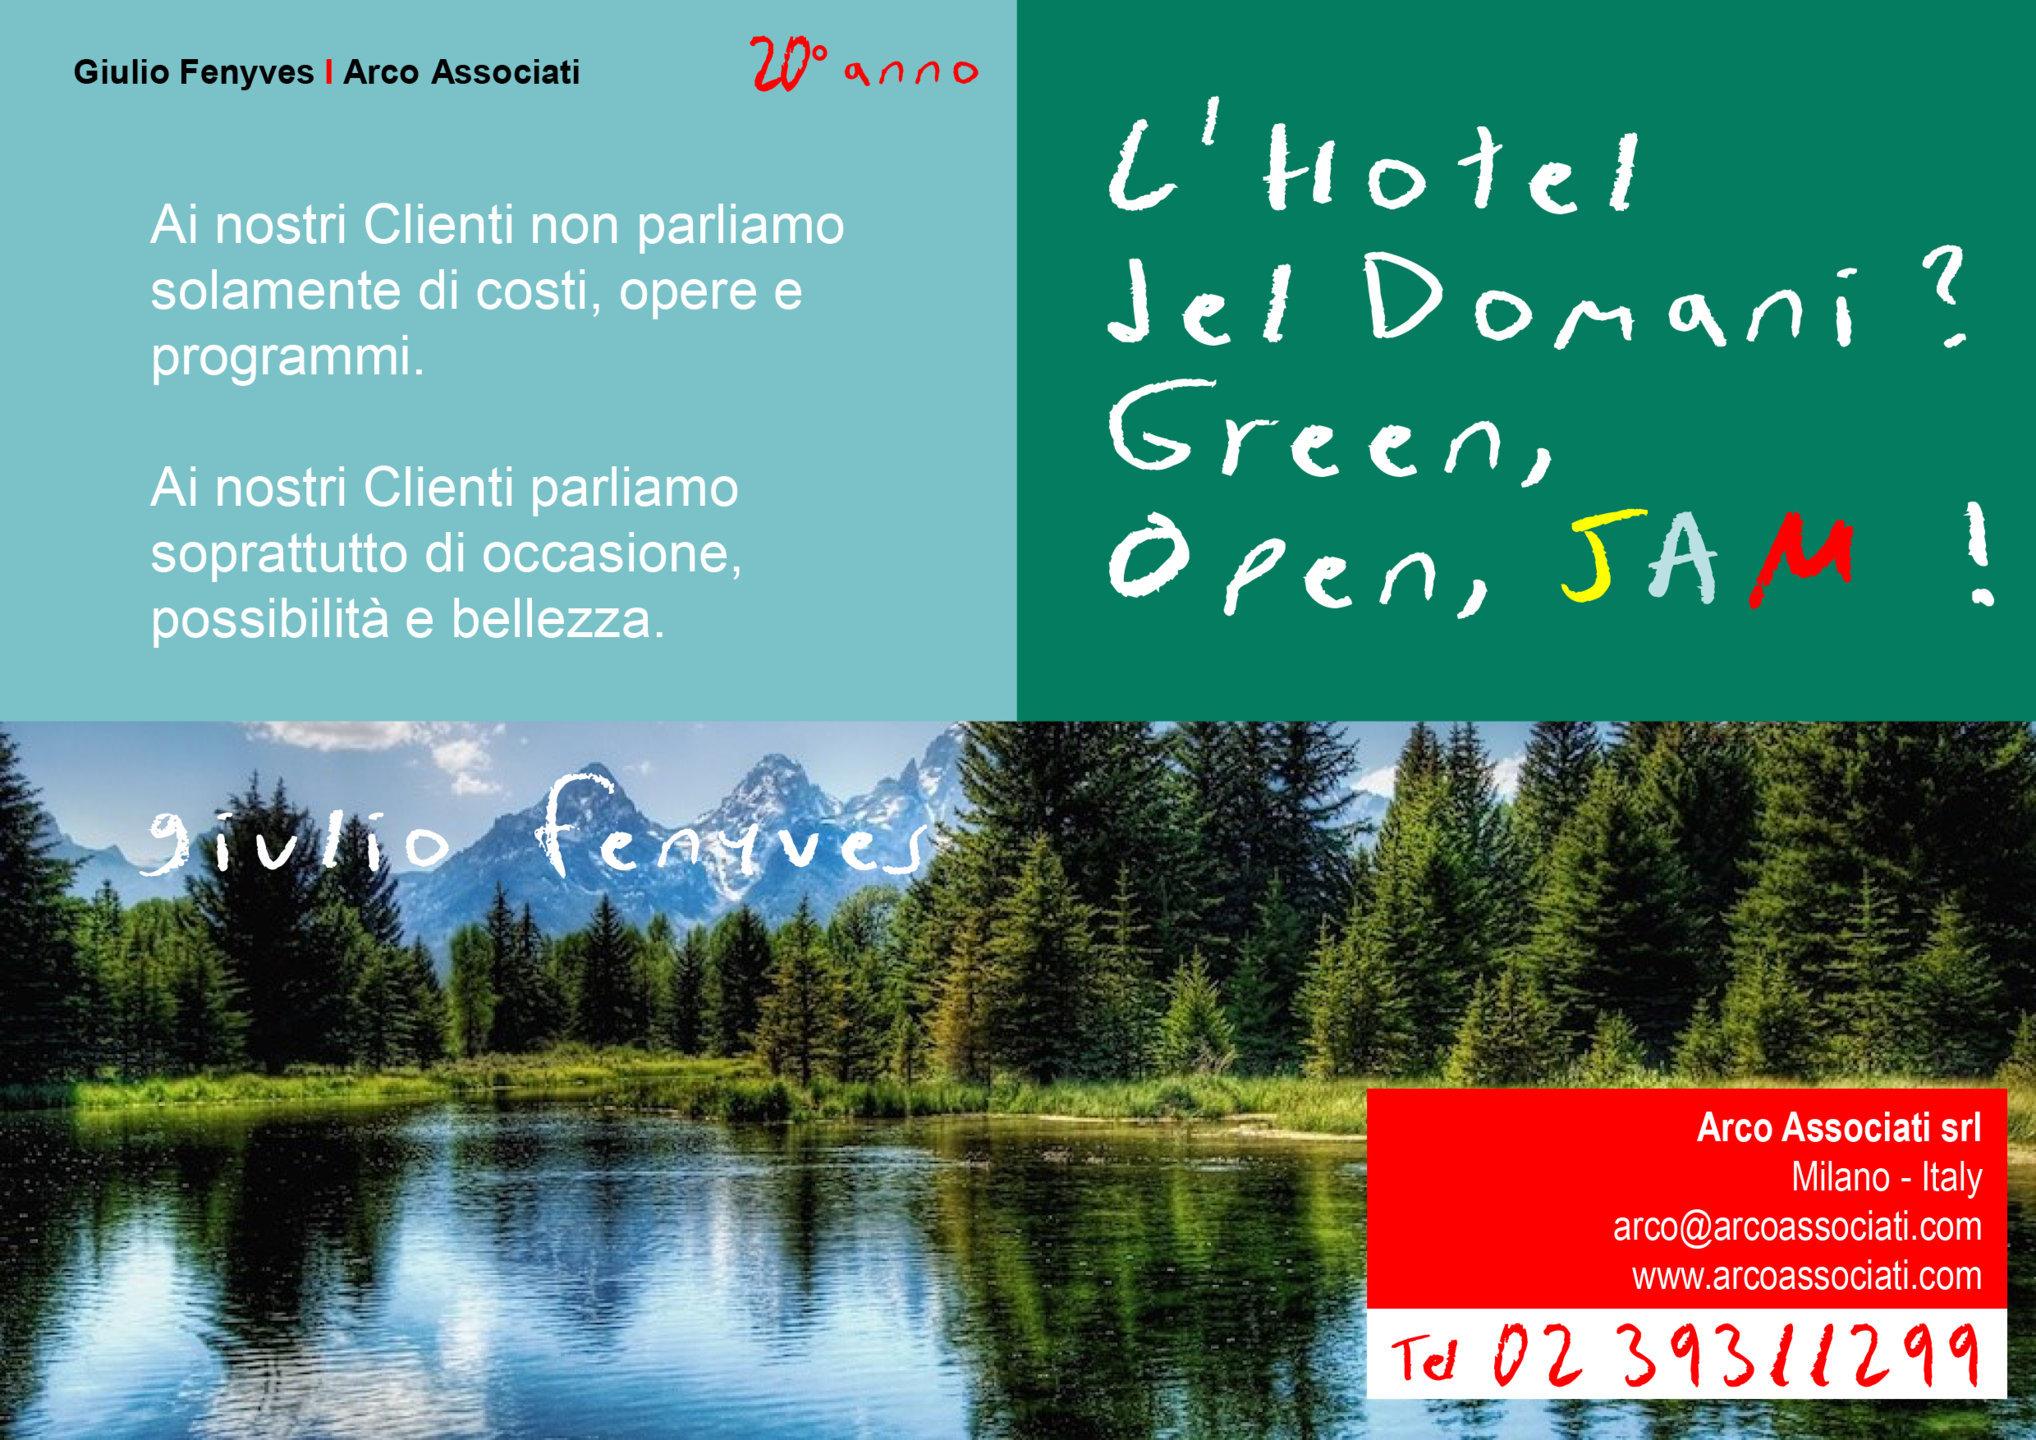 Arco Associati - L'hotel del domani? Green, Open, JAM!